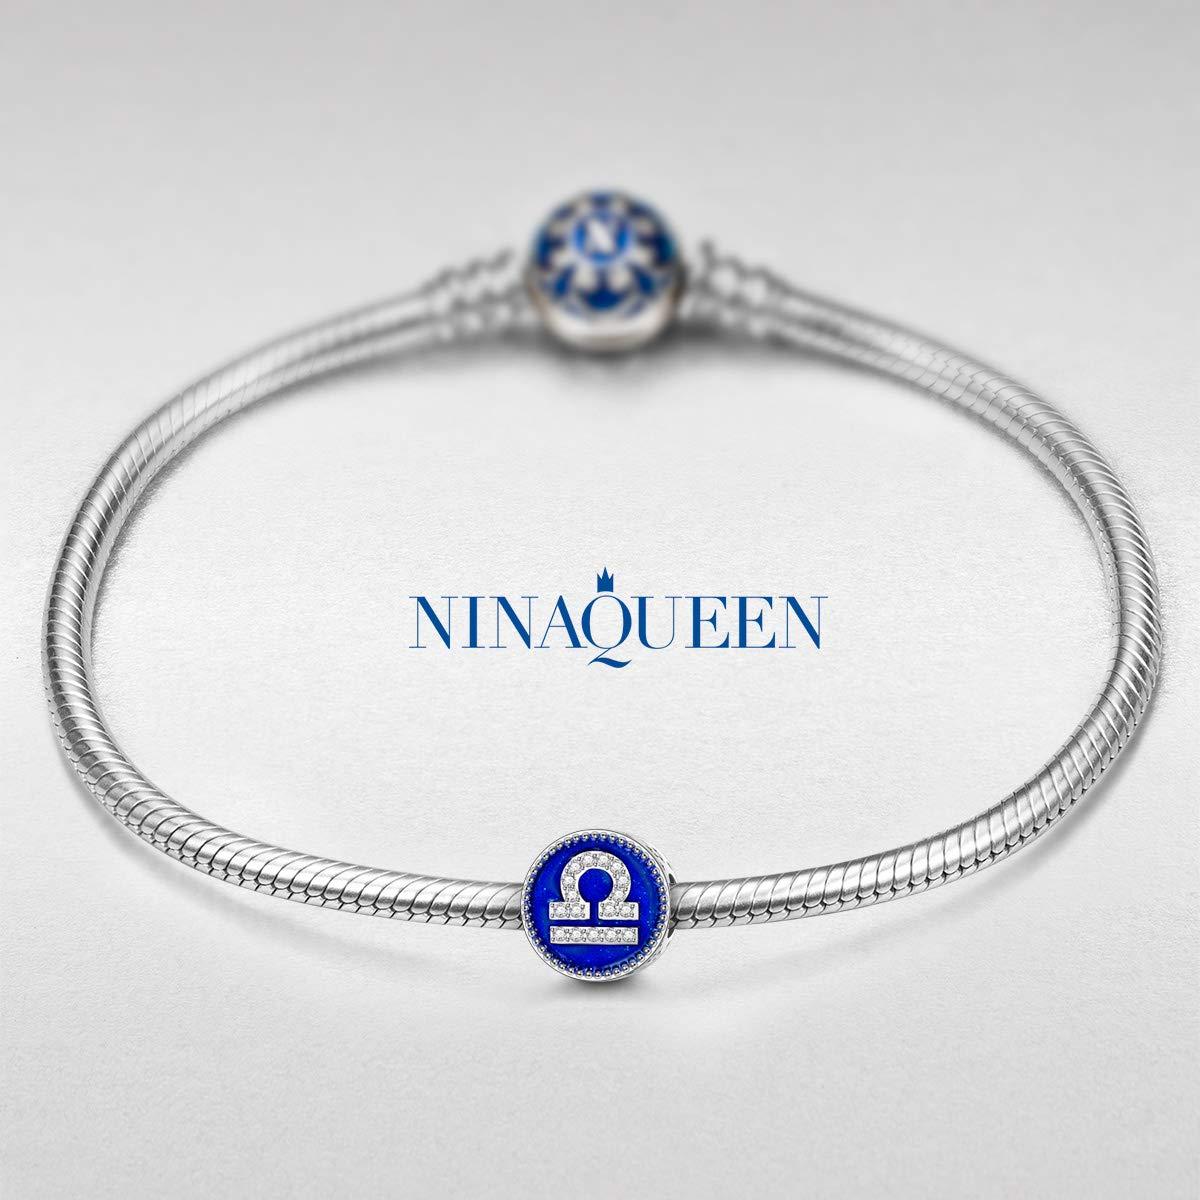 NINAQUEEN/® Charm //12 Signes du Zodiaque//Argent 925 avec Boite Cadeau Zircone Choix pour No/ël! /Émail